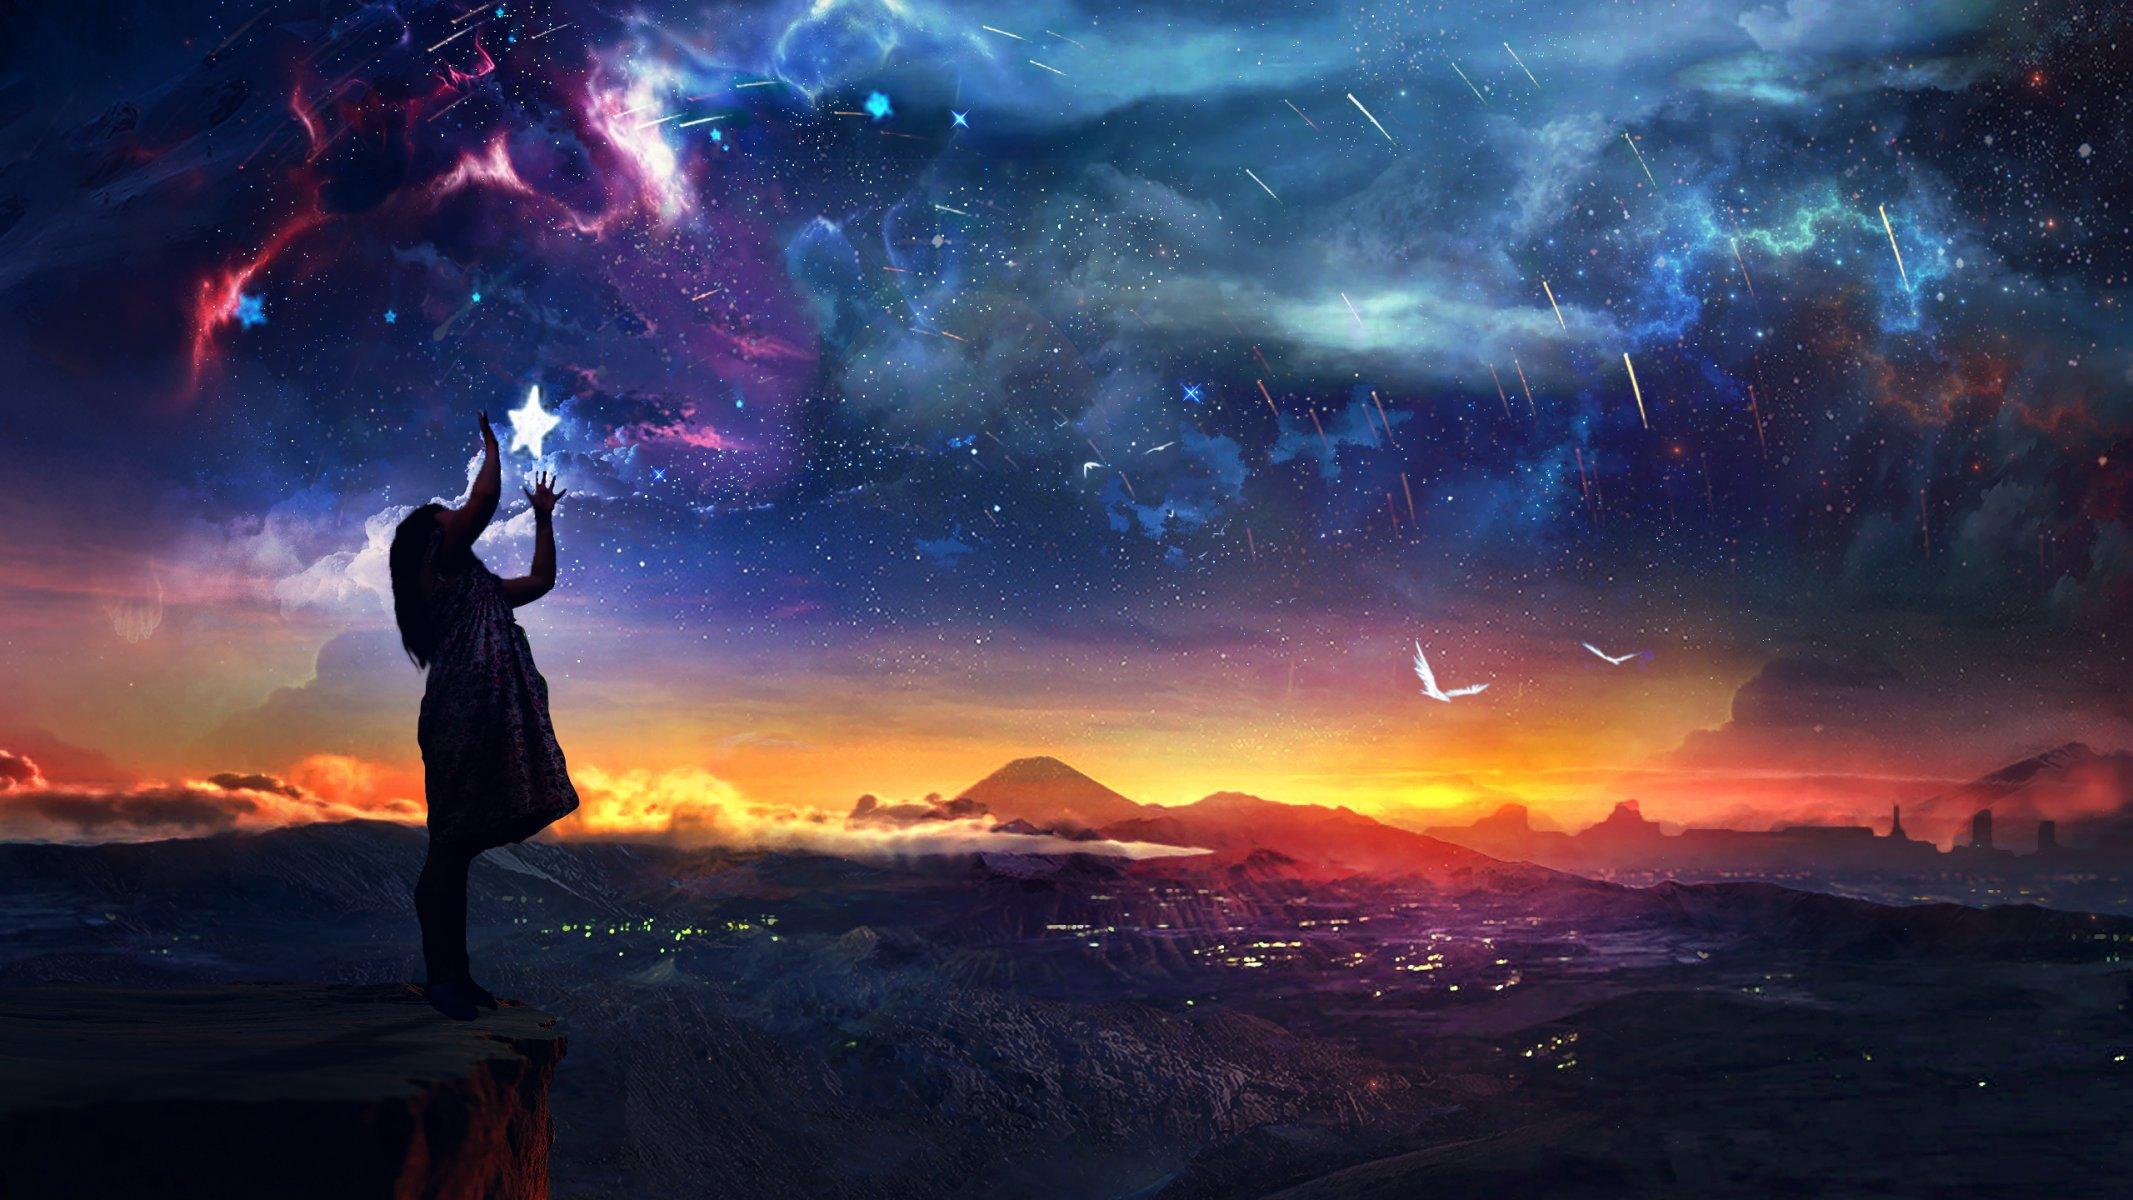 вишневая bmw под звездным небом  № 2384192 загрузить